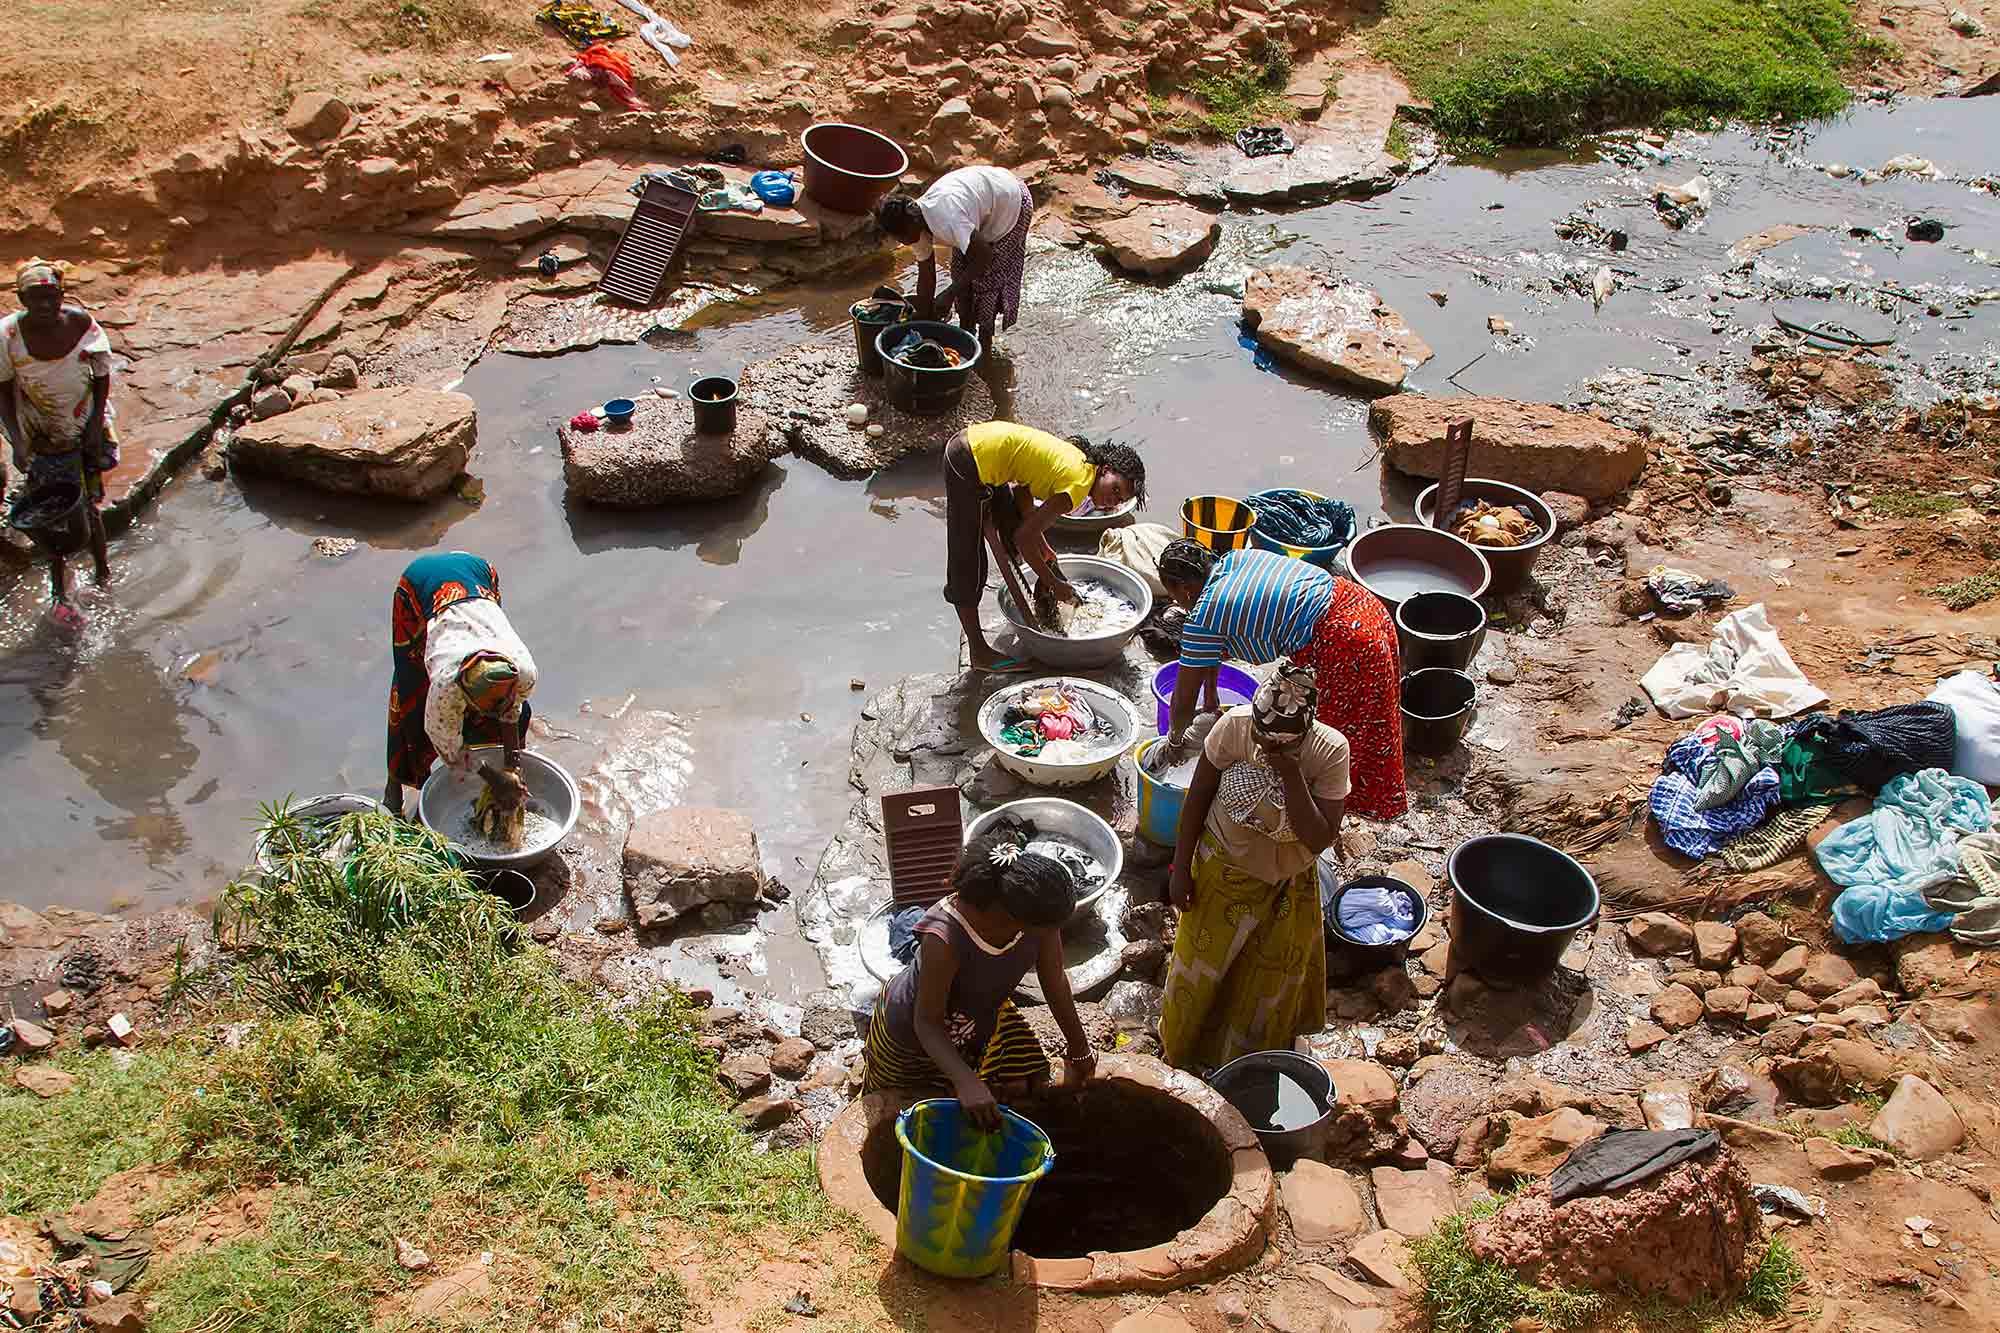 women-washing-river-bobodioulasso-burkina-faso-africa